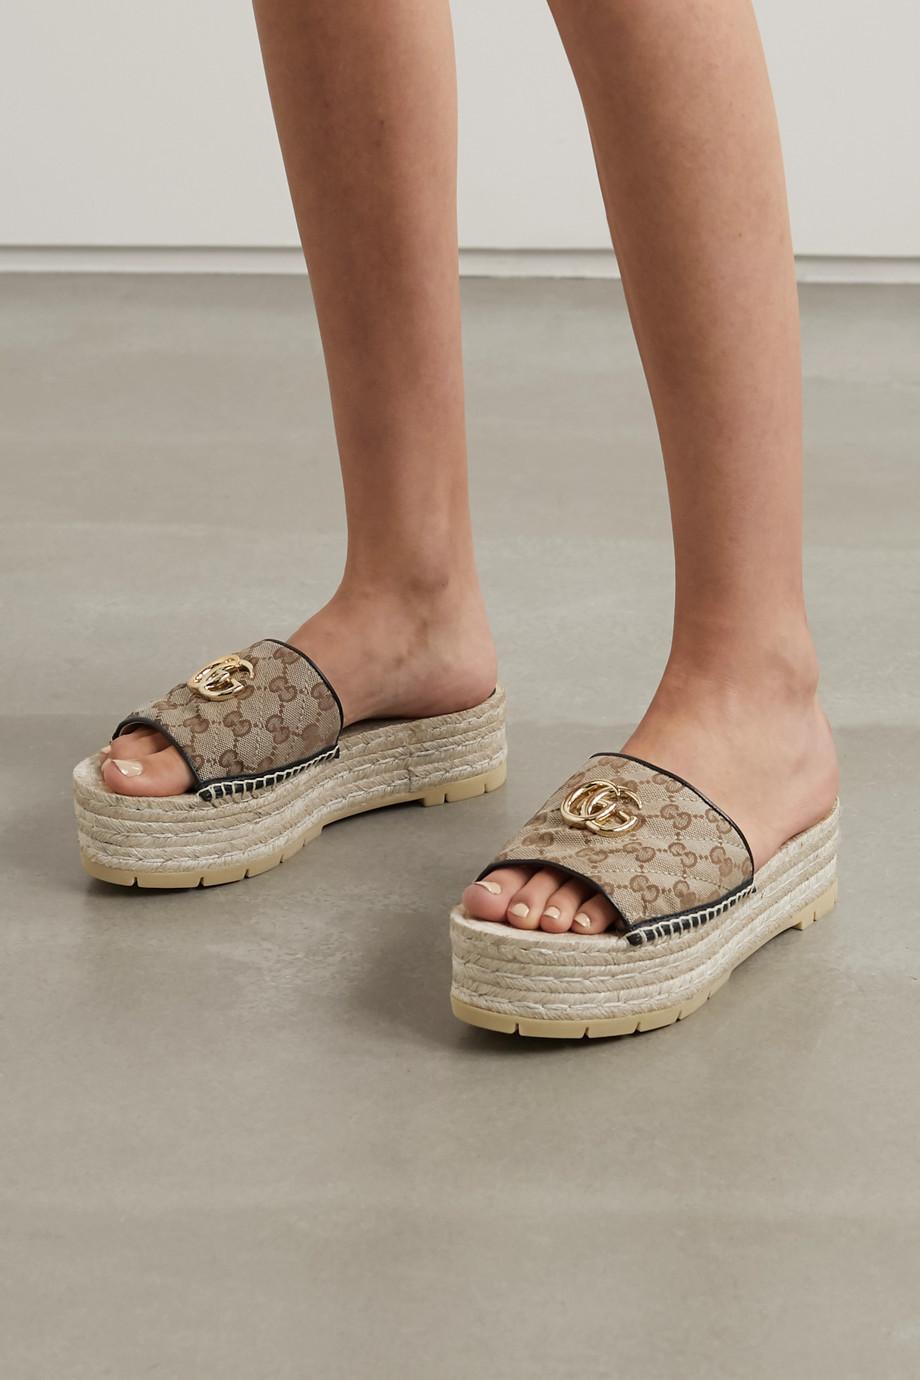 Gucci Pilar 品牌标志缀饰皮革边饰印花绗缝帆布拖鞋